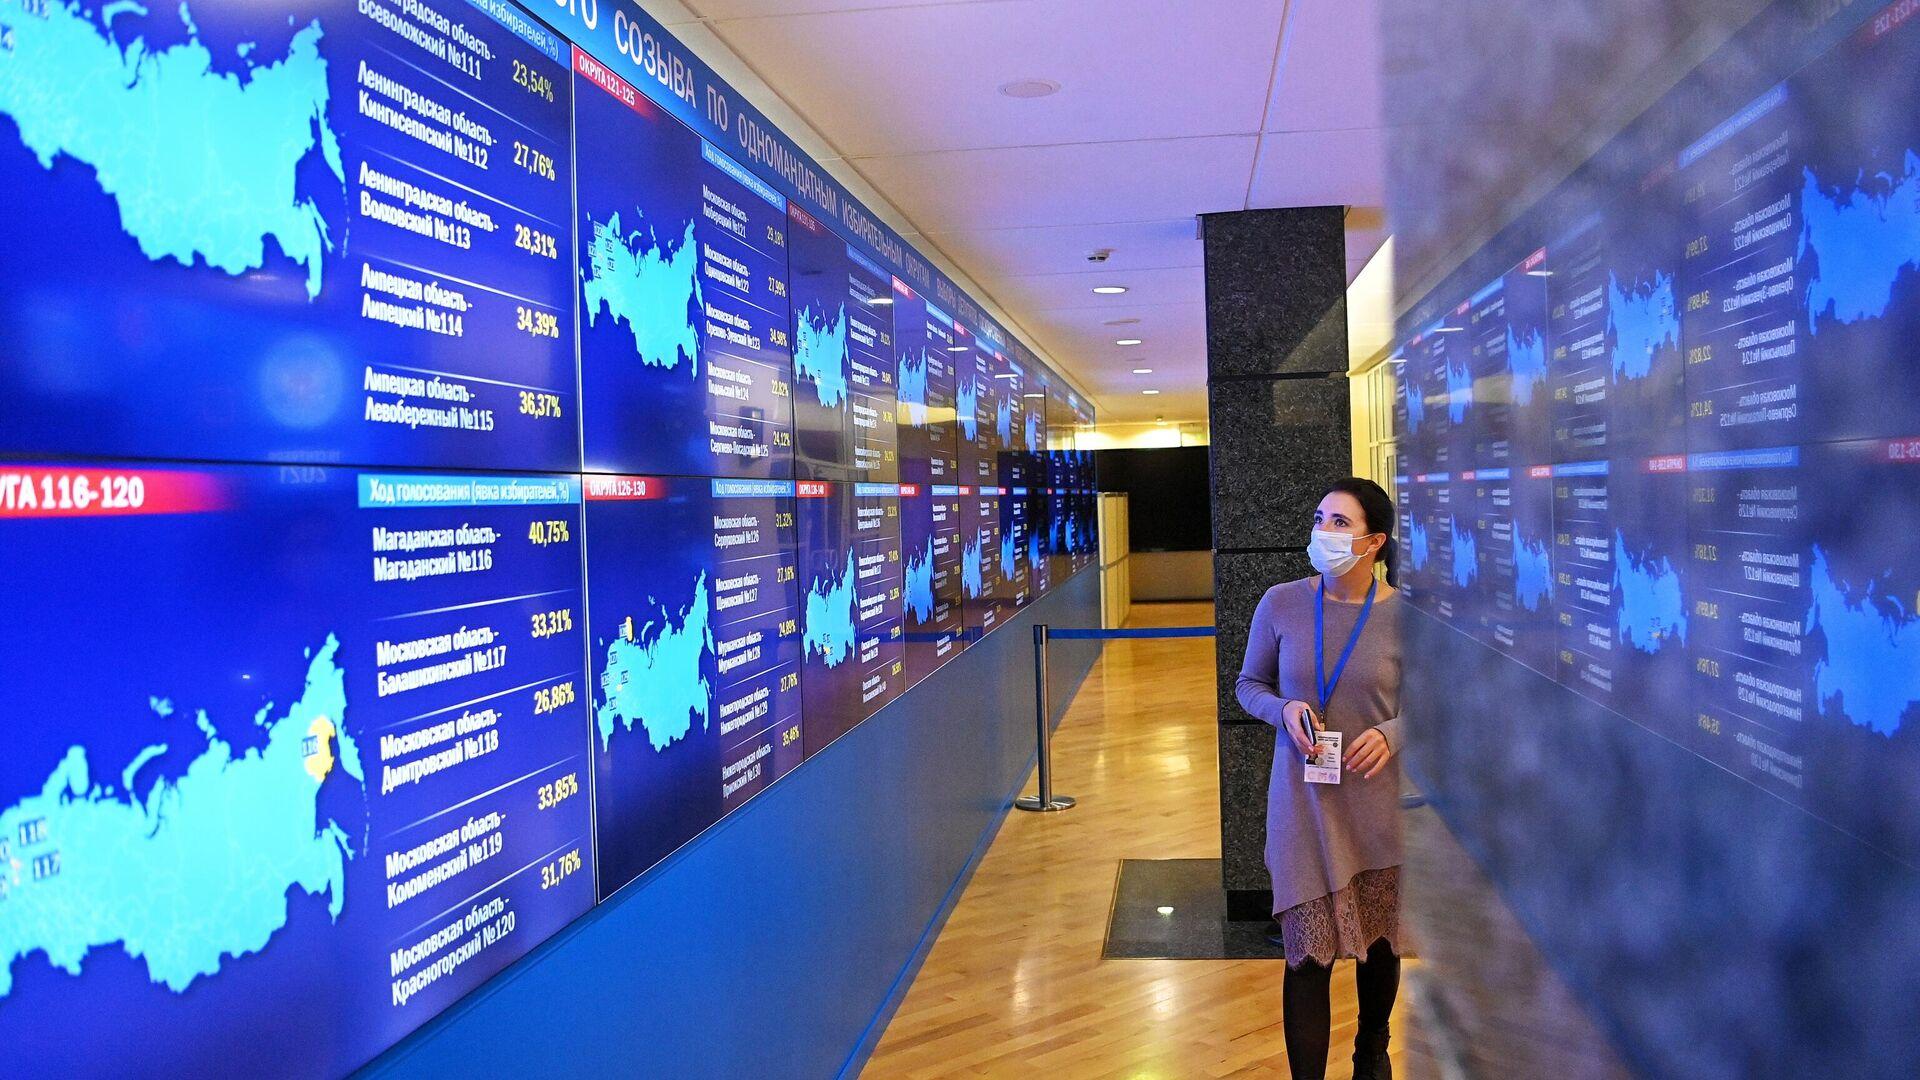 Экраны с номерами округов по голосованию в информационном центре Центральной избирательной комиссии РФ во время выборов в Госдуму 2021 года - РИА Новости, 1920, 19.09.2021